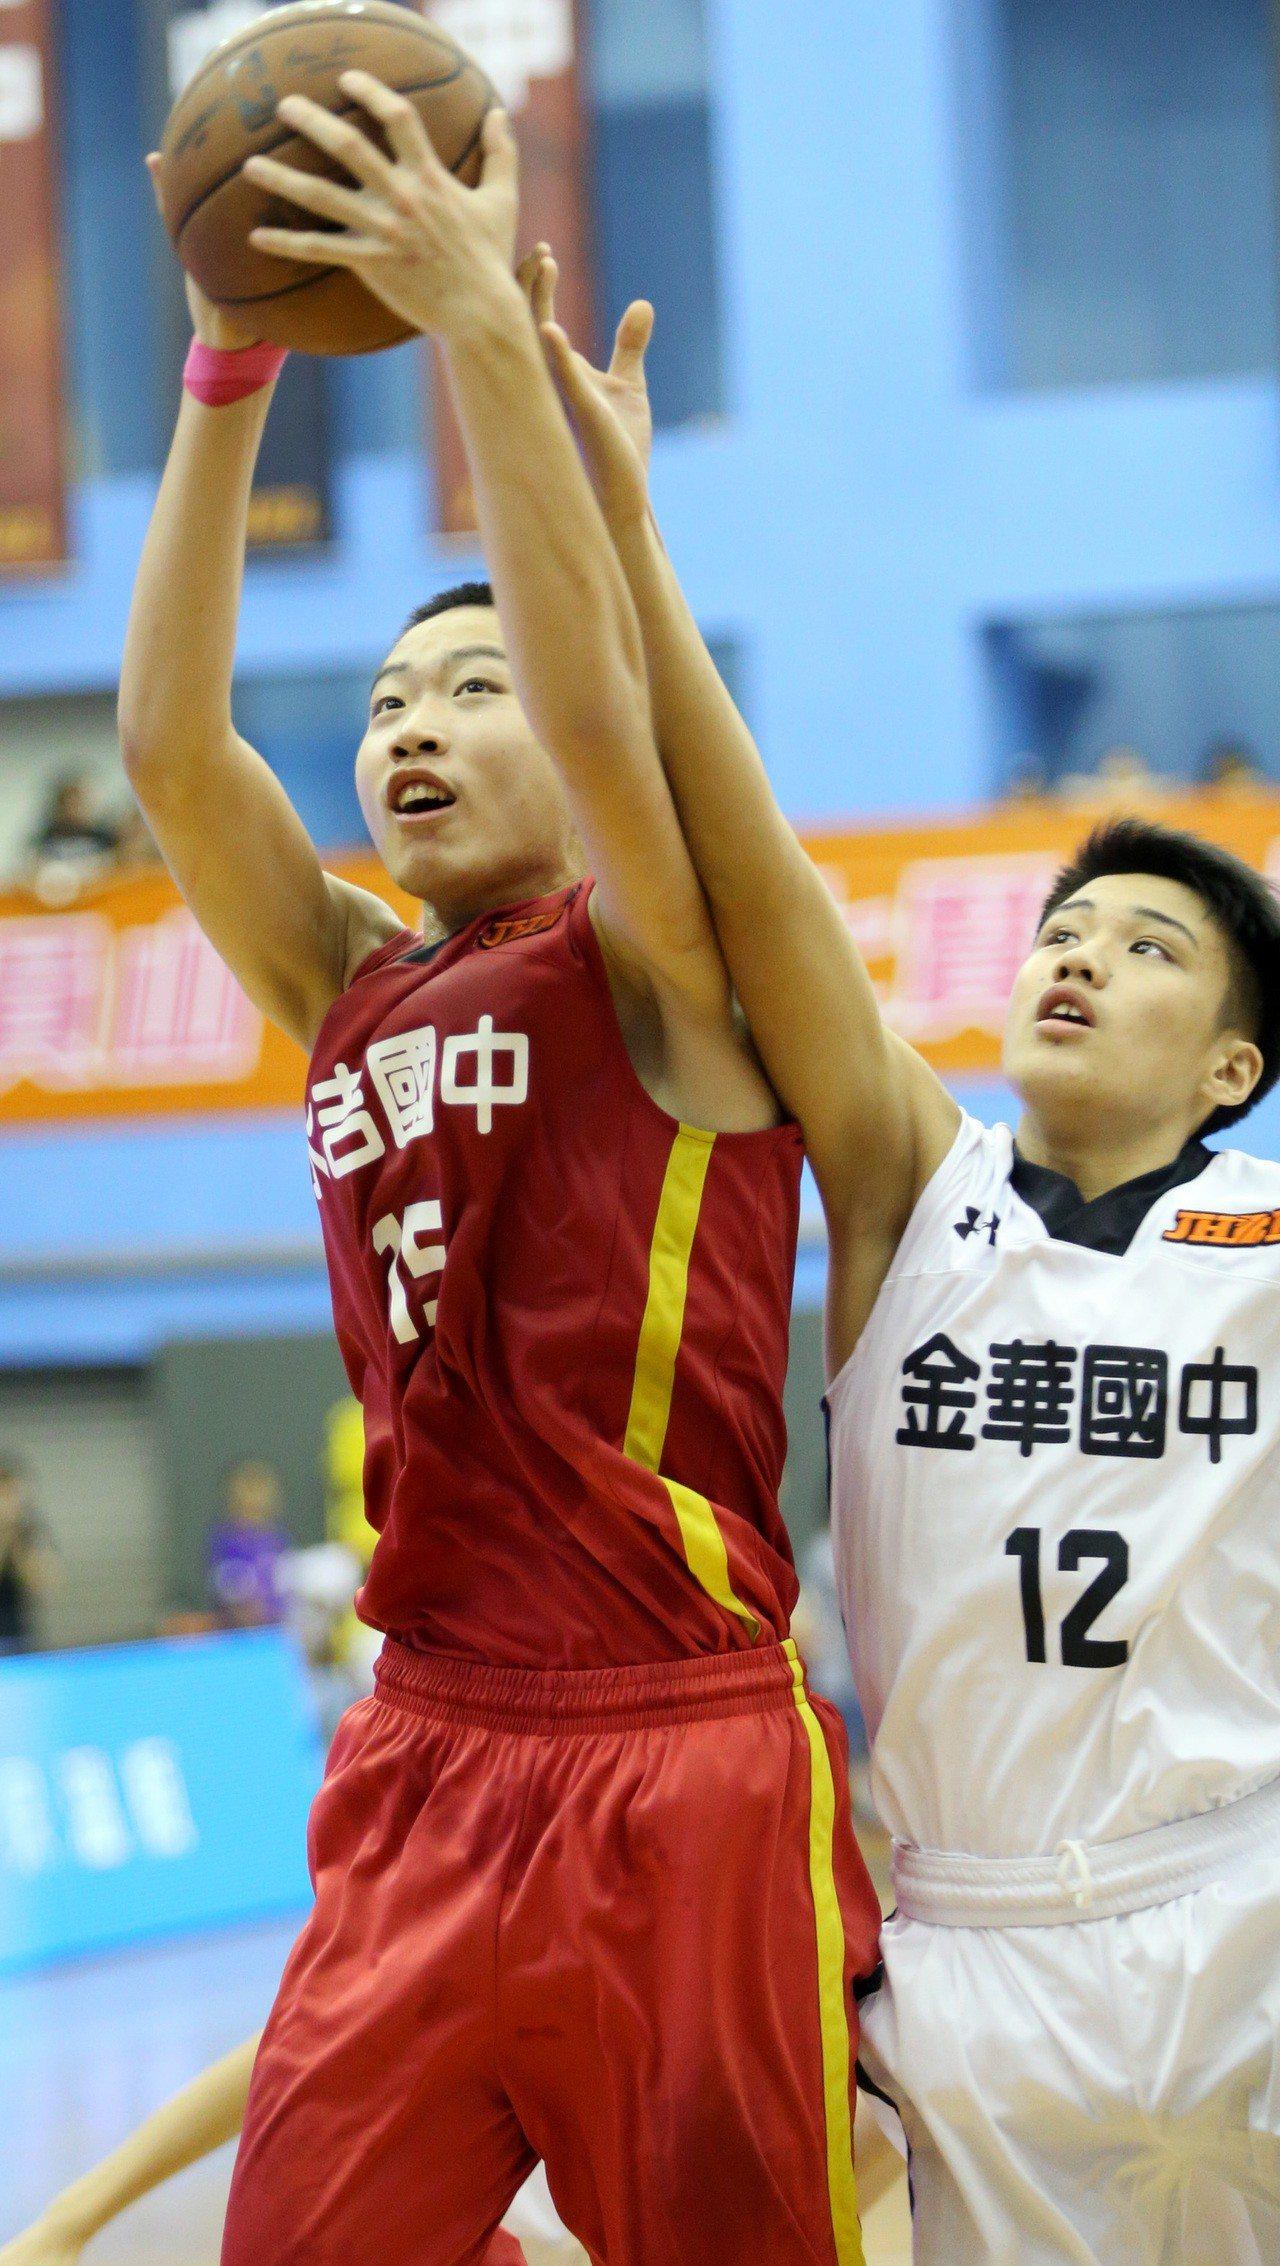 永吉中鋒陳佳煒(左)19分、17籃板。記者侯永全/攝影